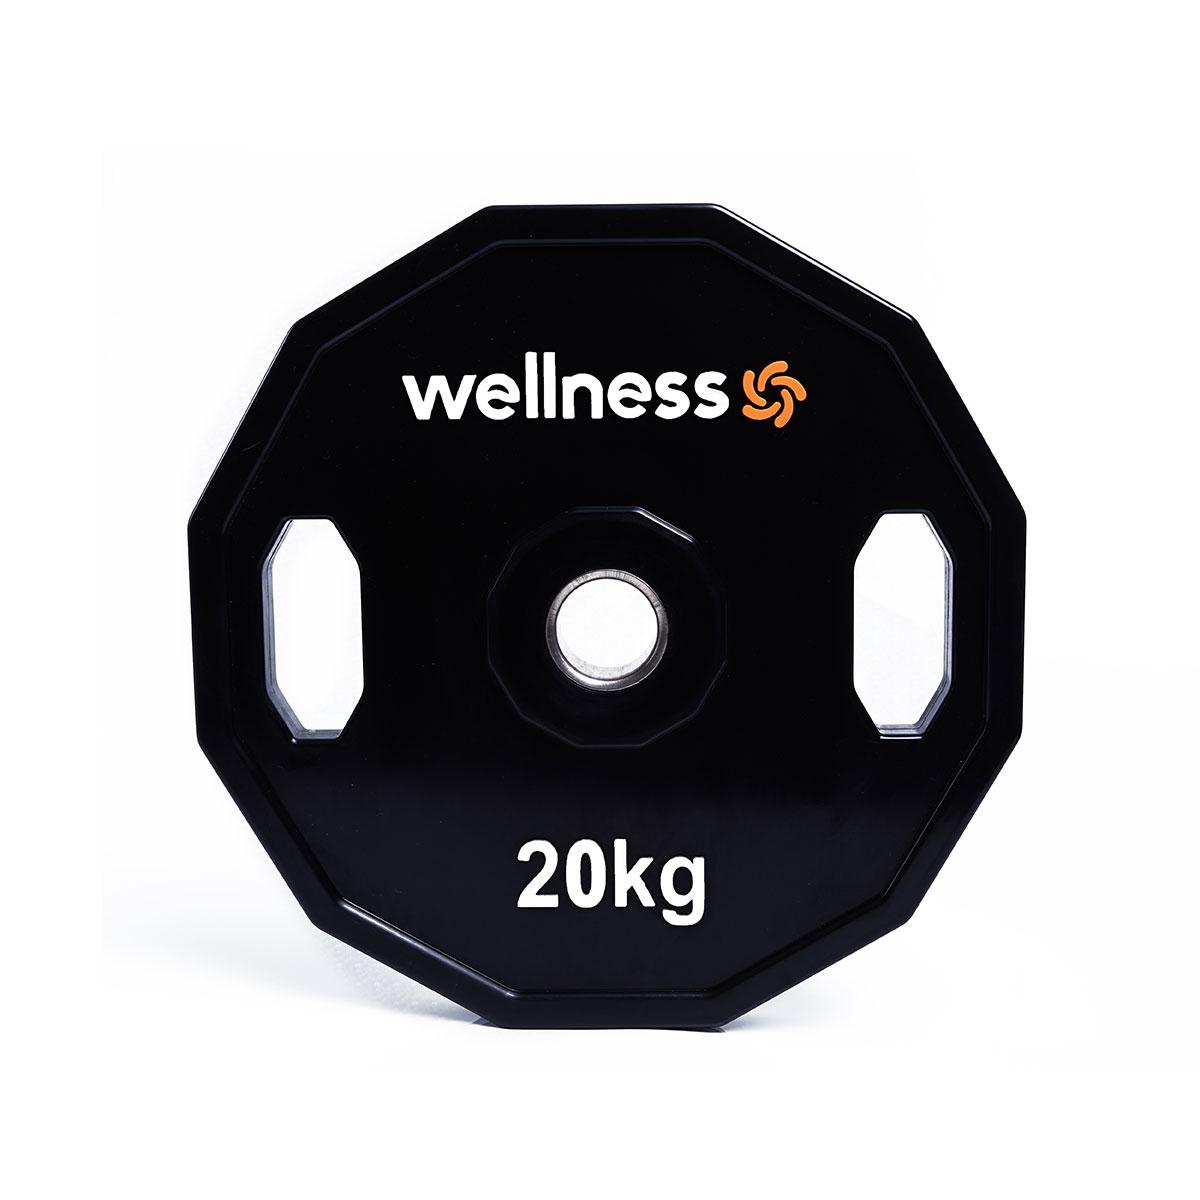 Anilha Poliuretano Furação Olímpica 12 Faces com Pegada 20kg Wellness